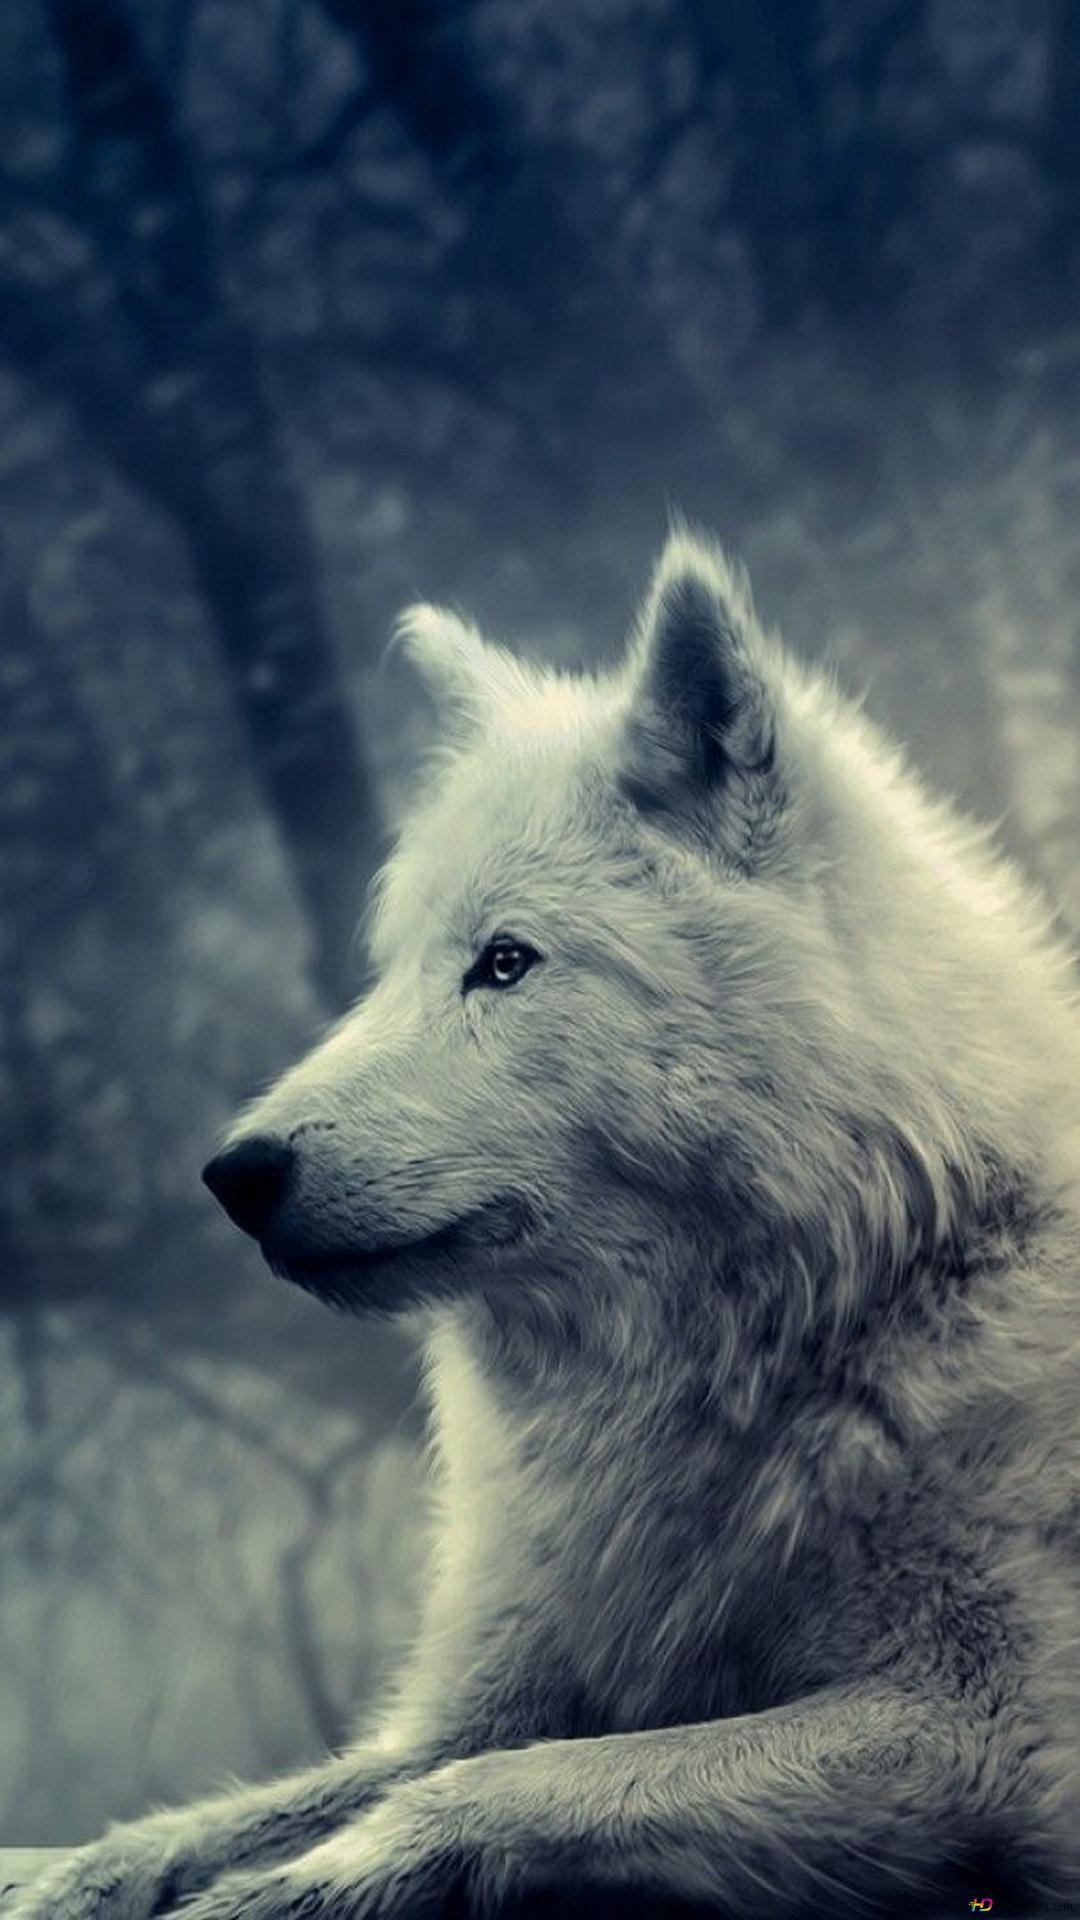 オオカミの家族 自然 冬 750x1334 Iphone 8 7 6 6s 壁紙 背景 画像